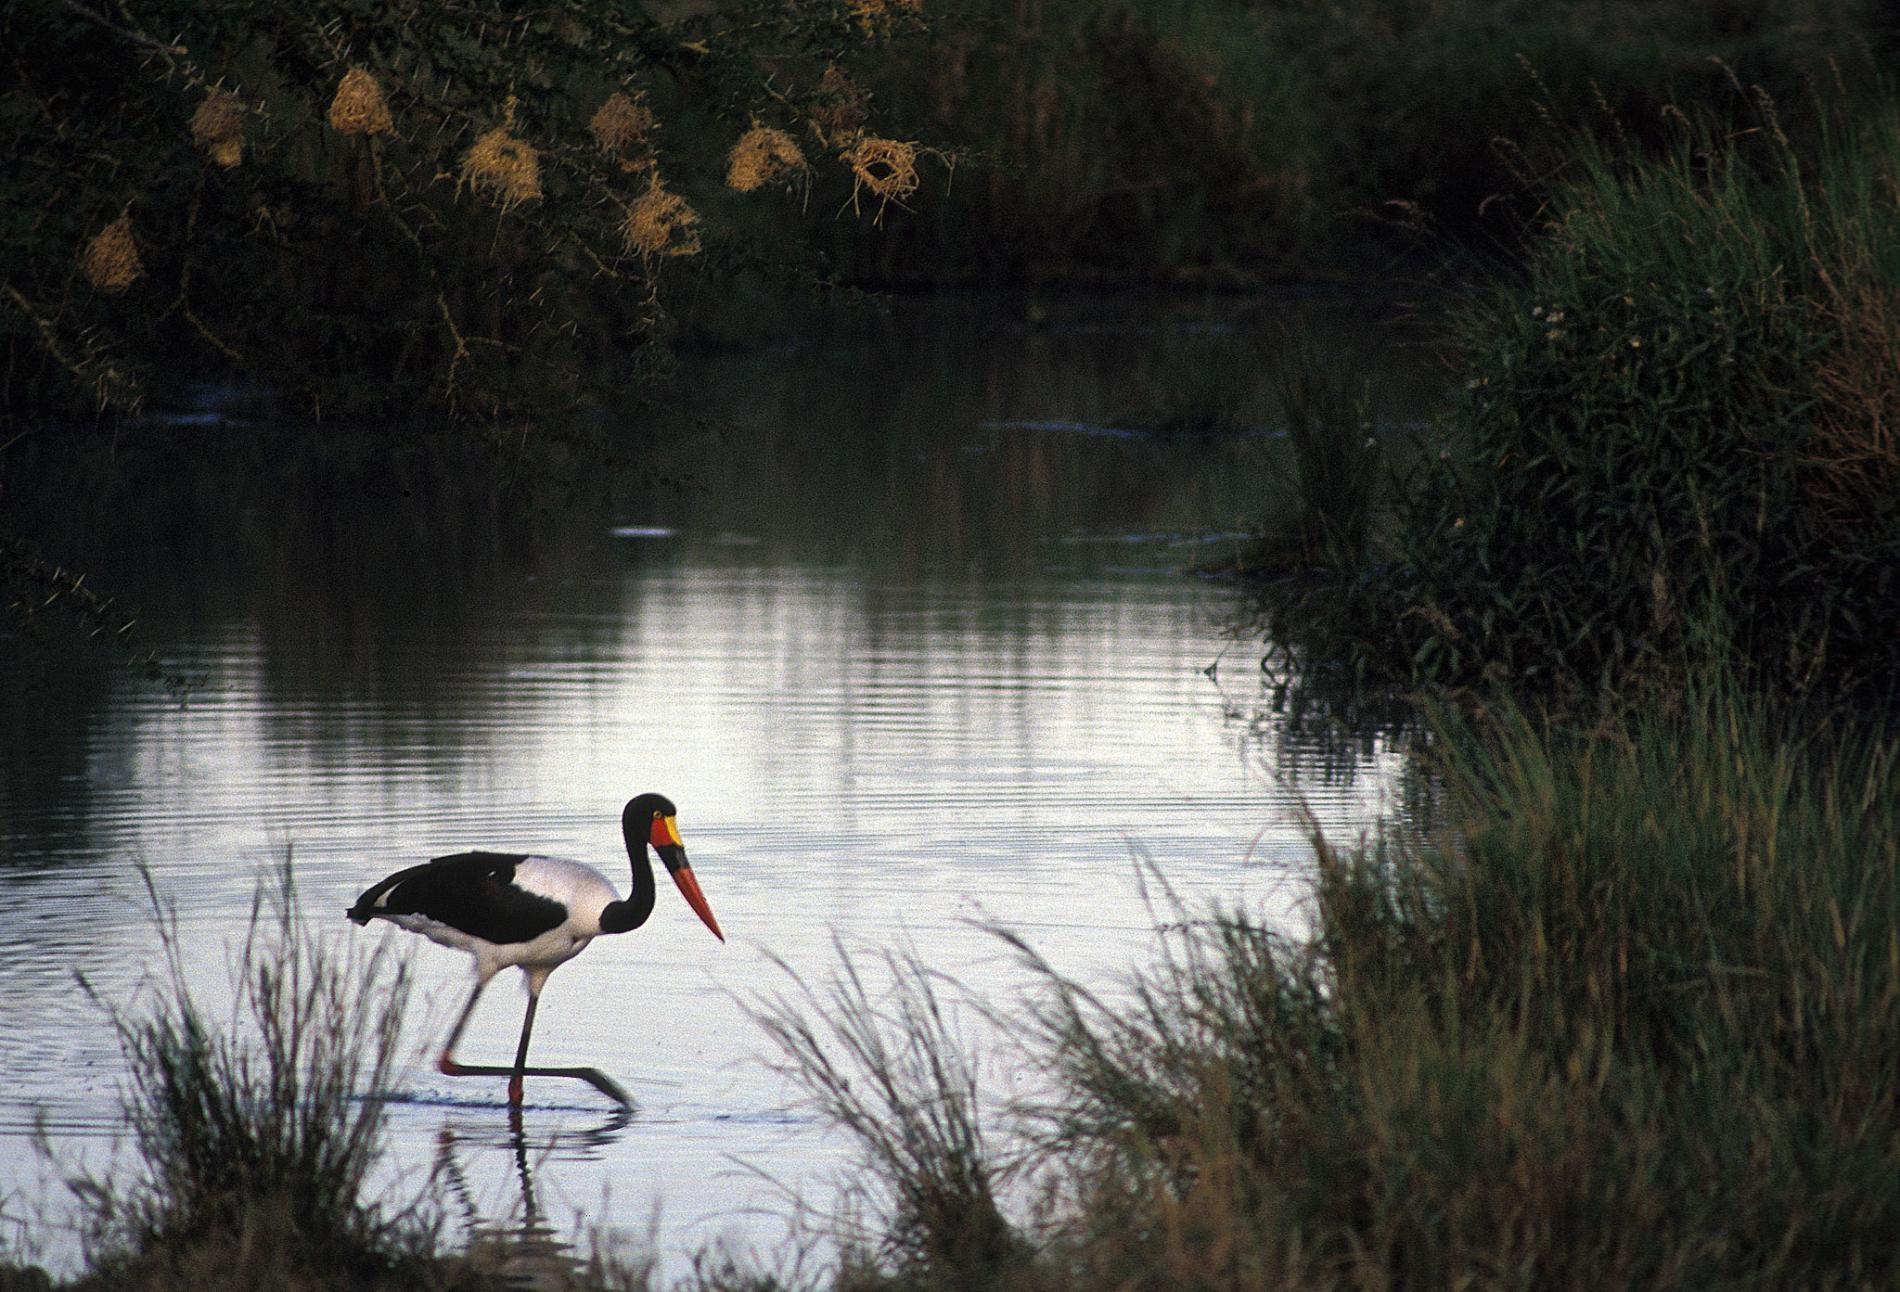 沒有任何現生動物能完美類比棘龍,但是有些科學家認為這種恐龍可能曾在淺水區涉水而行,如這隻拍攝於坦尚尼亞的鞍嘴鸛(saddle-billed stork,Ephippiorhynchus senegalensis)。PHOTOGRAPH BY RICHARD J. GREEN, SCIENCE SOURCE